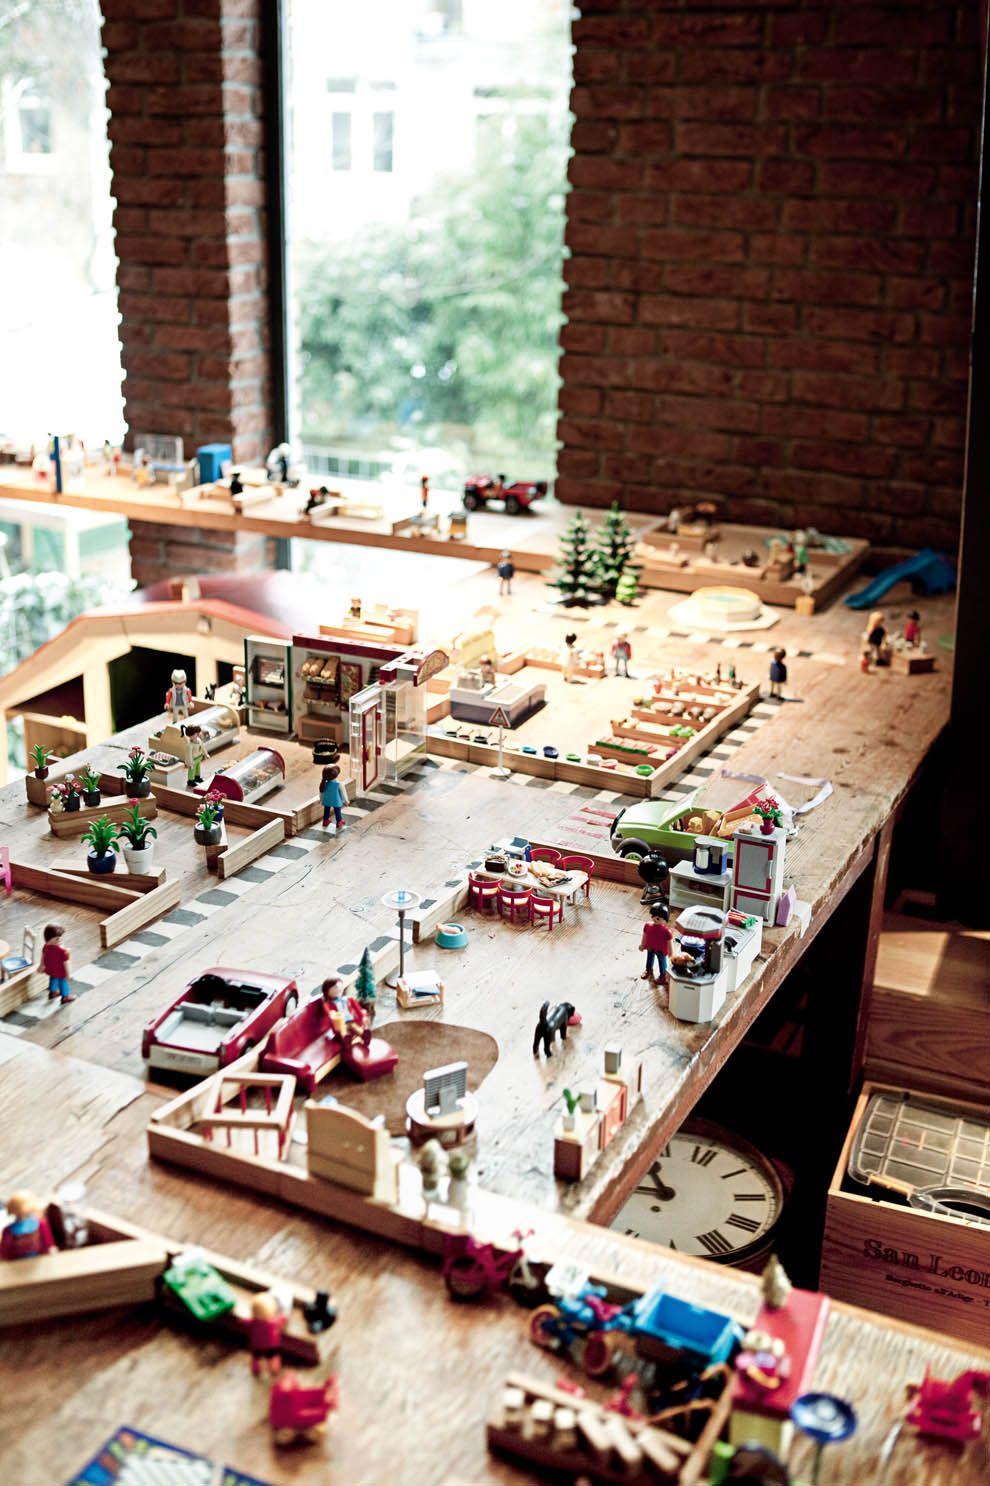 Car decoration toys   Cosas que hay en la habitación de los sueños de tus hijos